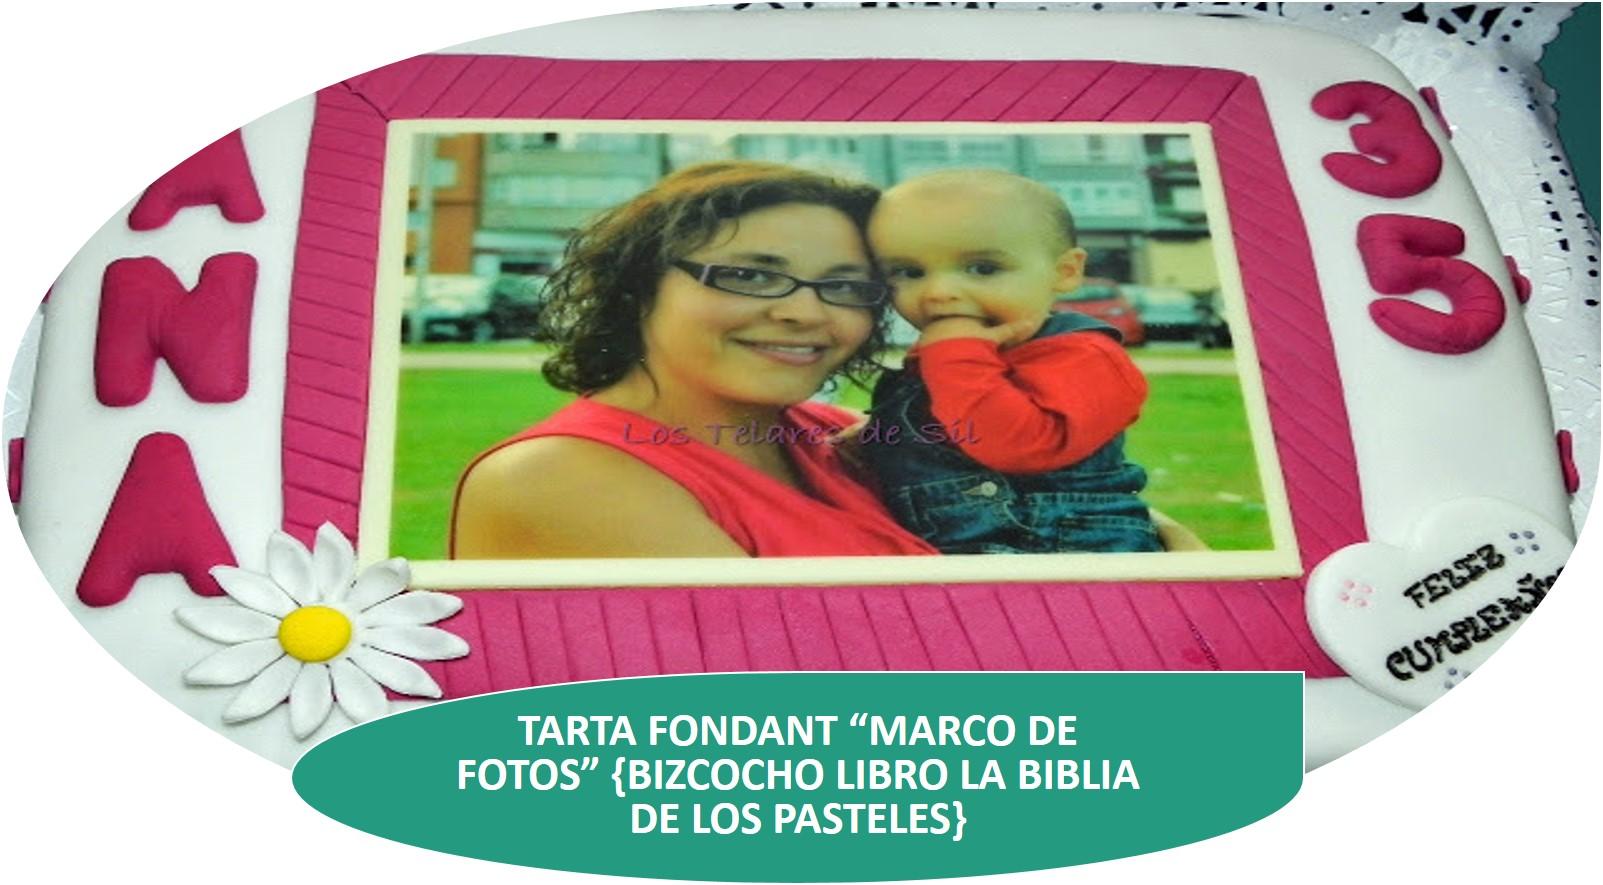 TARTA FONDANT MARCO DE FOTOS